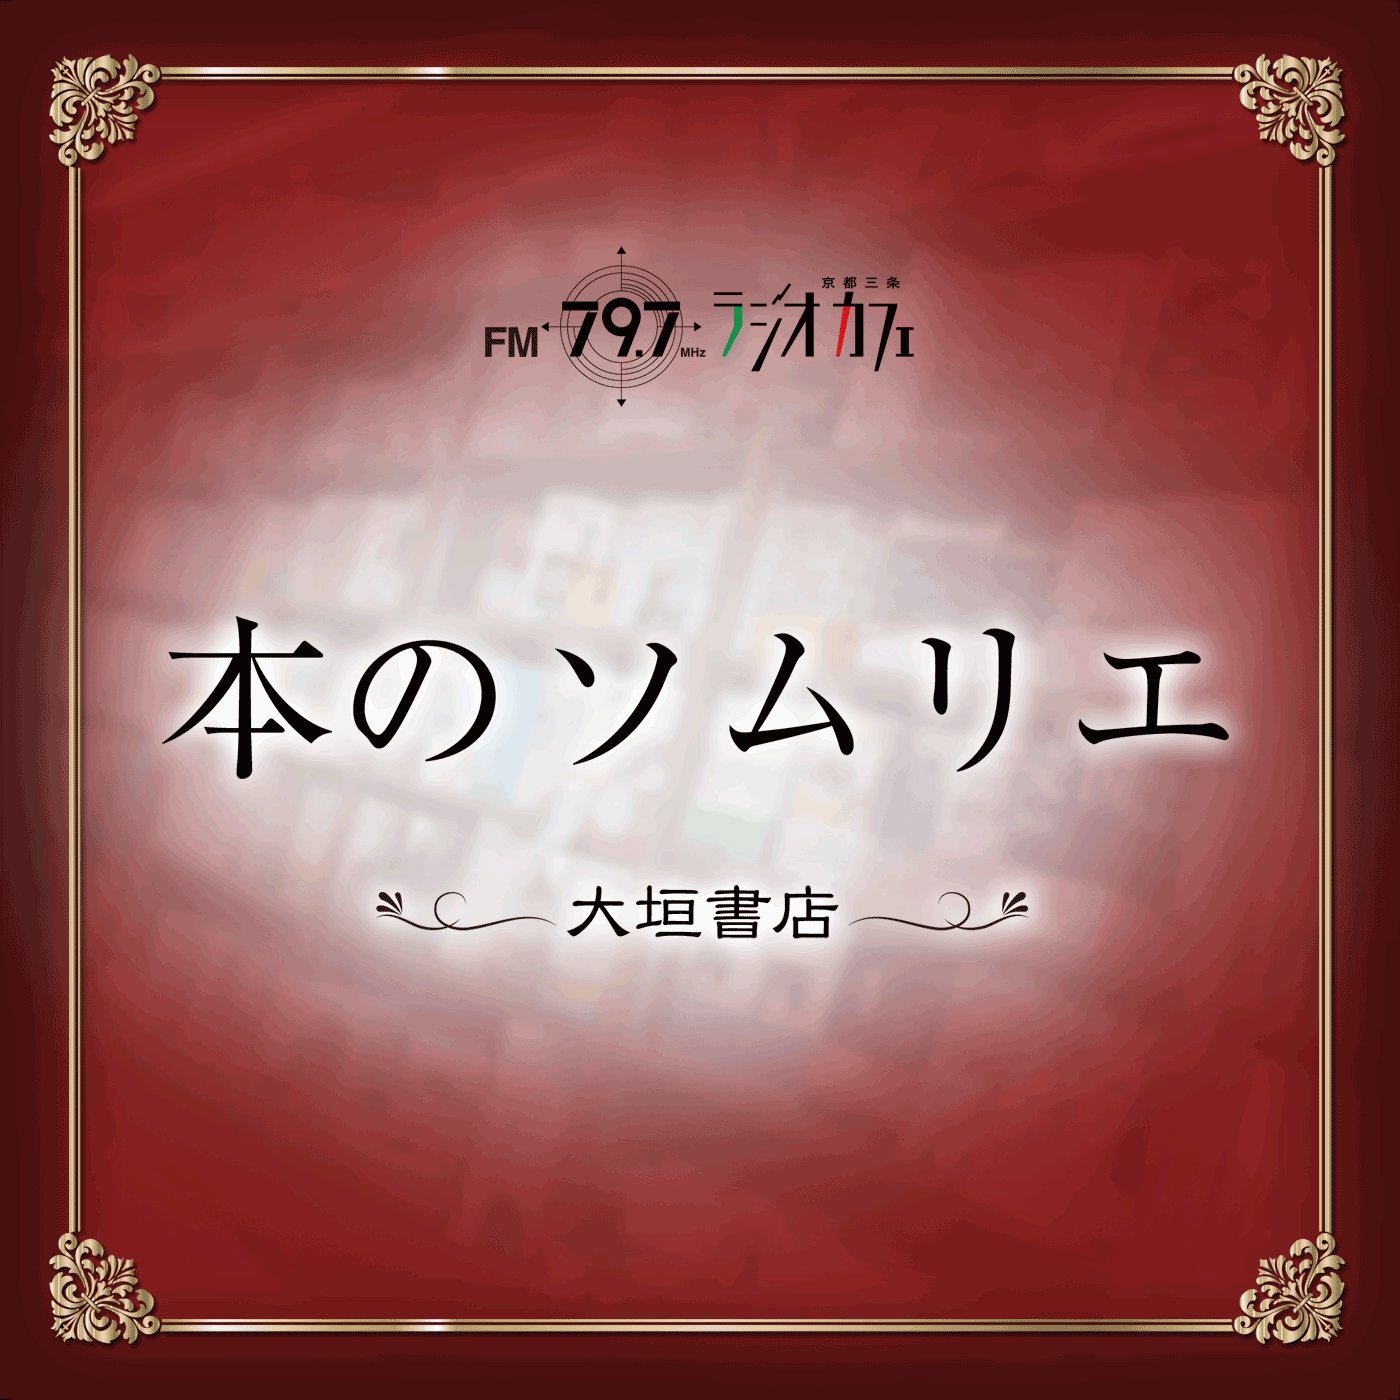 本のソムリエ - FM79.7MHz京都三条ラジオカフェ:放送